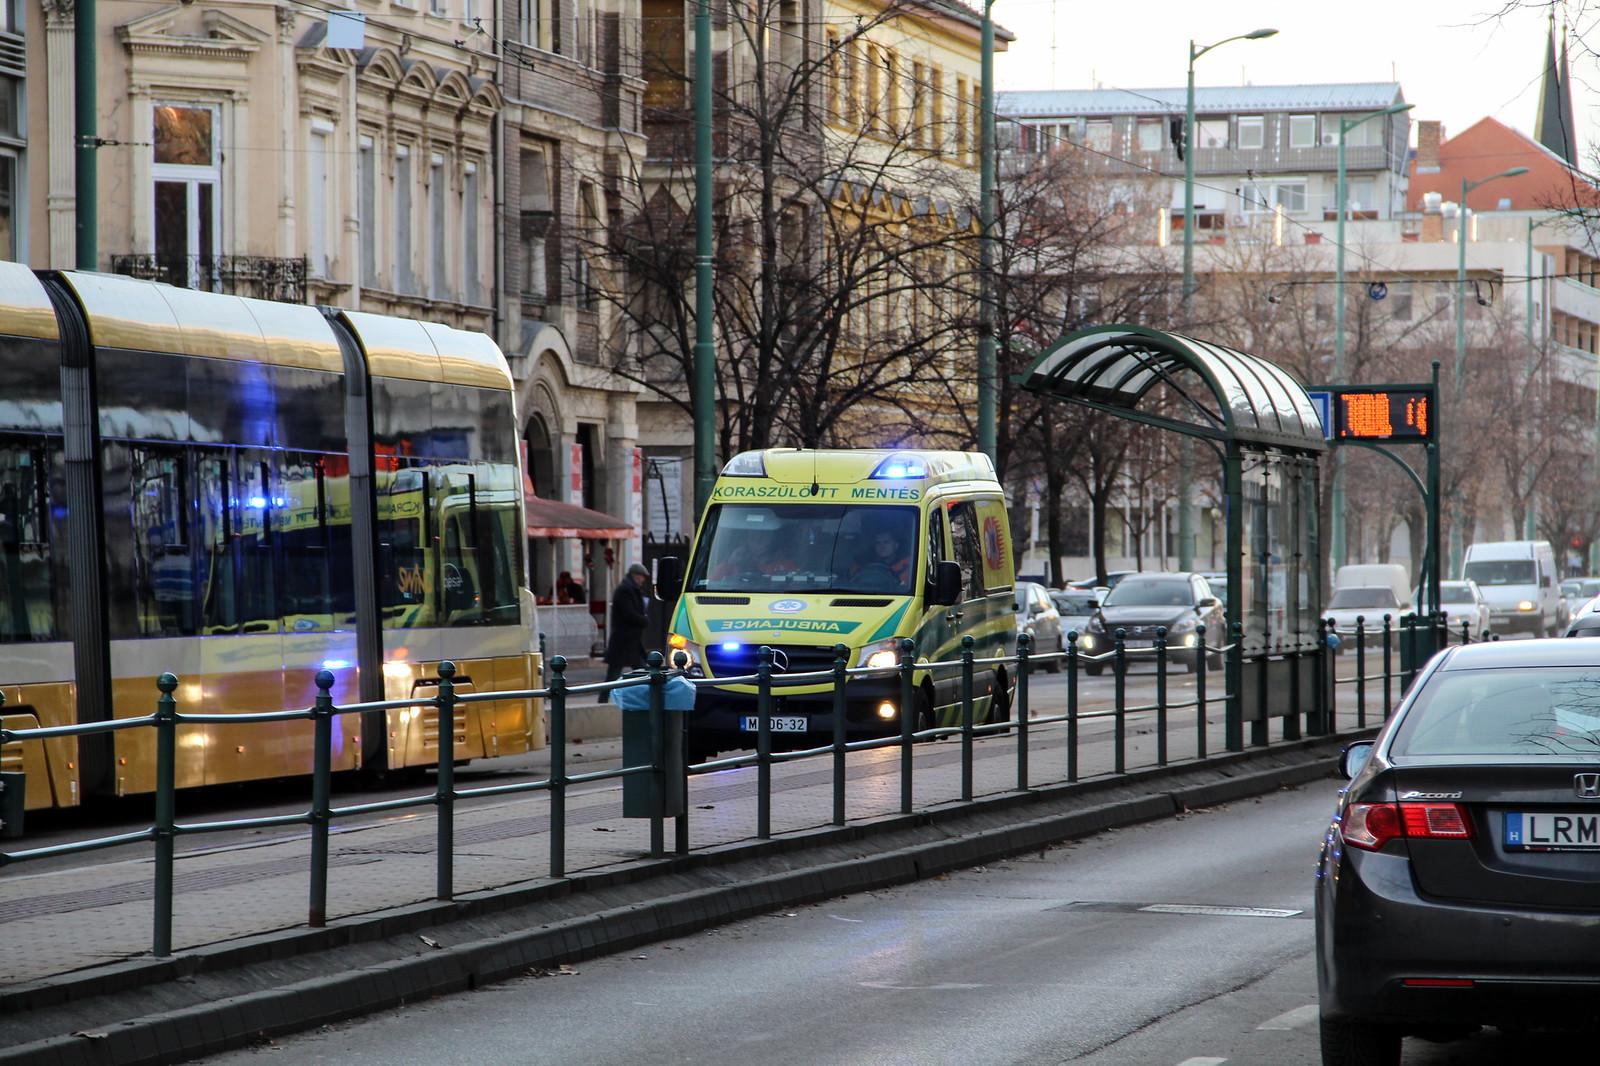 Átszervezik a sürgősségi gyermekellátást, Szeged lesz az egyik új központ